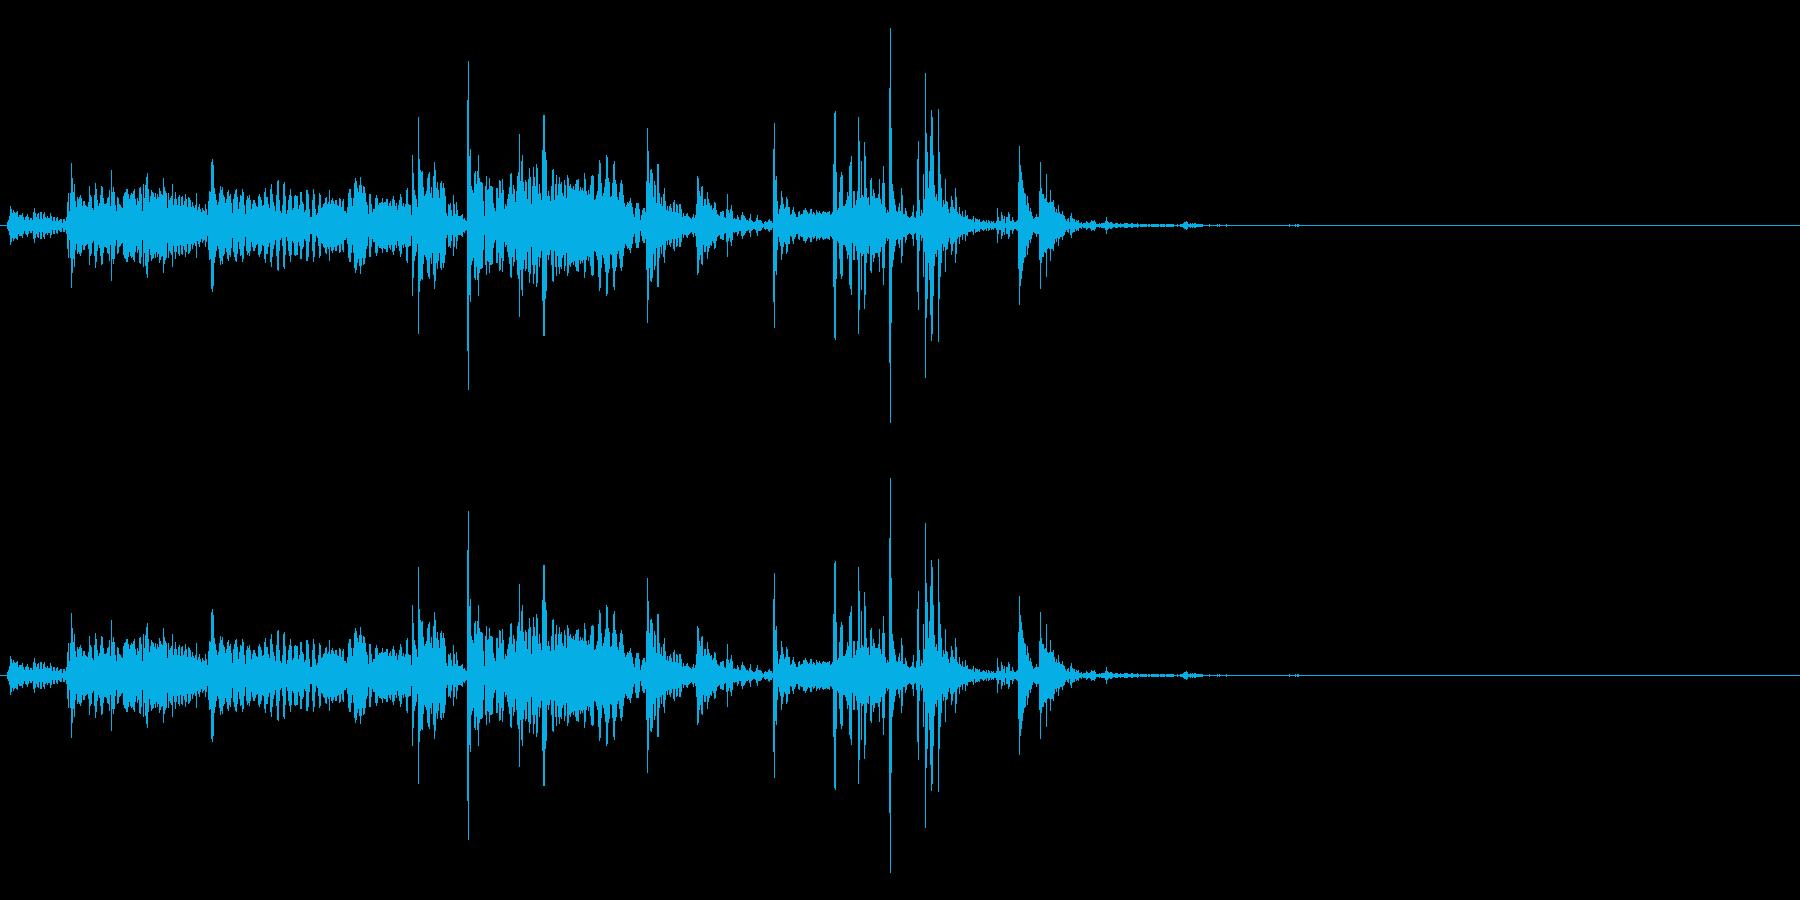 GameFX ゲーム内 お金獲得音 1の再生済みの波形